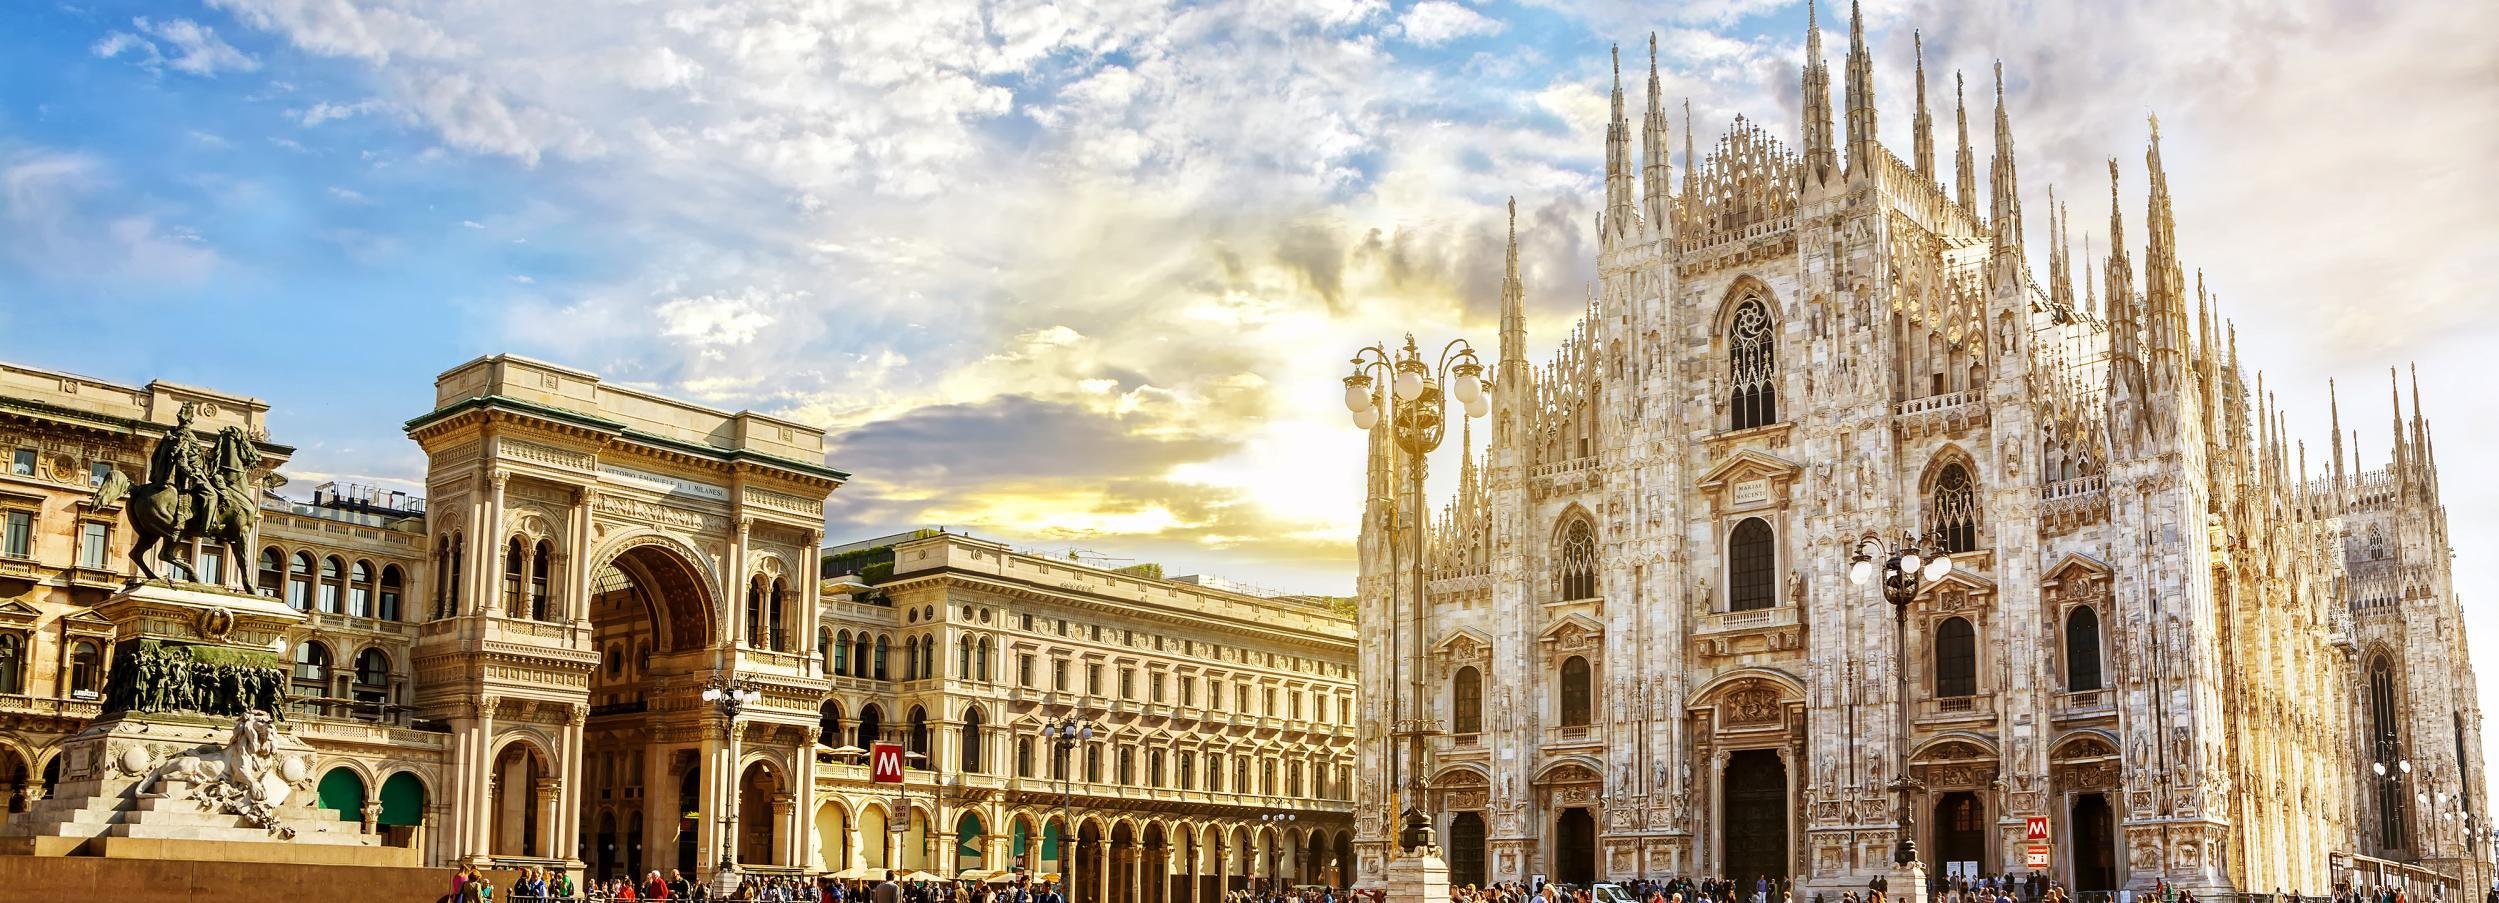 Milán: City Tour privado con la Catedral de Milán y terrazas